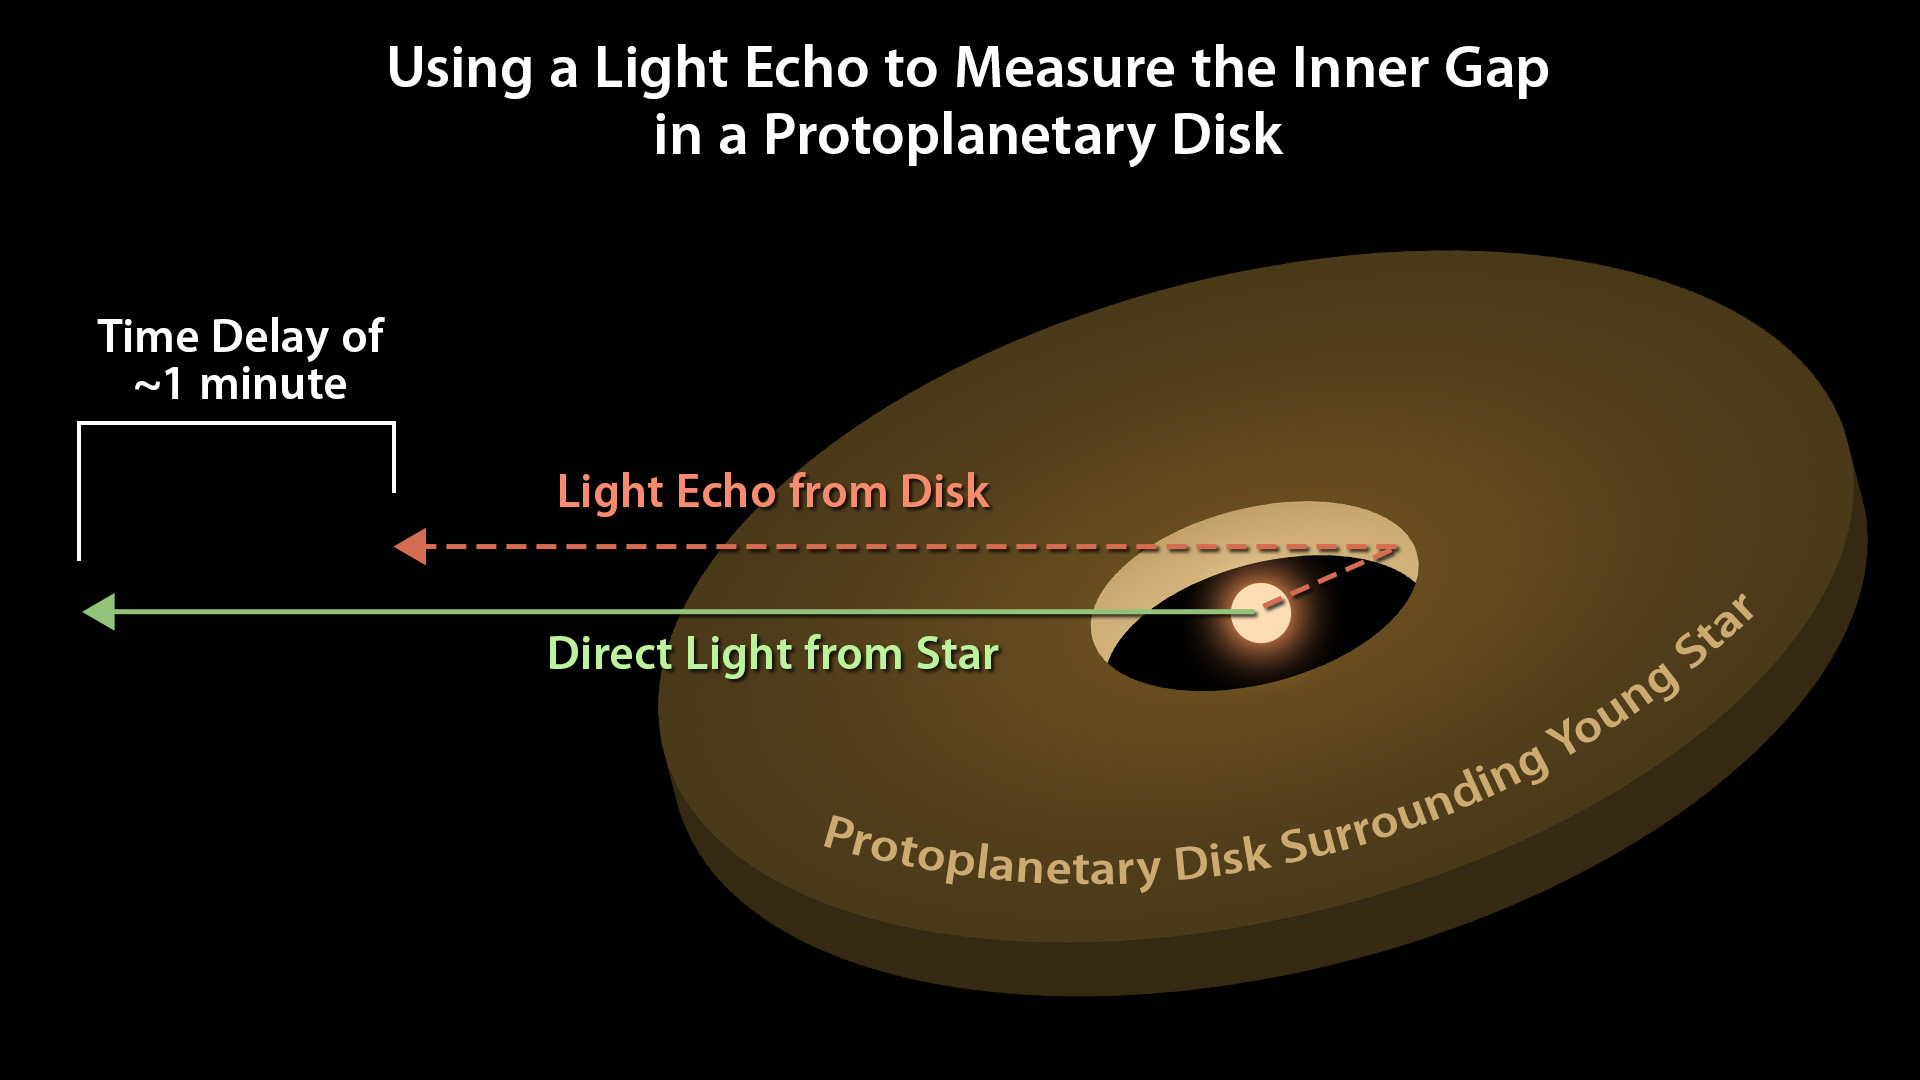 Астрономы могут использовать световое эхо для измерения расстояний от звезды до окружающего ее протопланетного диска. Эта диаграмма иллюстрирует схему, по которой проходит процесс замедления времени (светового эха): замедление времени пропорционально расстоянию от звезды до протопланетного диска. Credits: NASA/JPL-Caltech